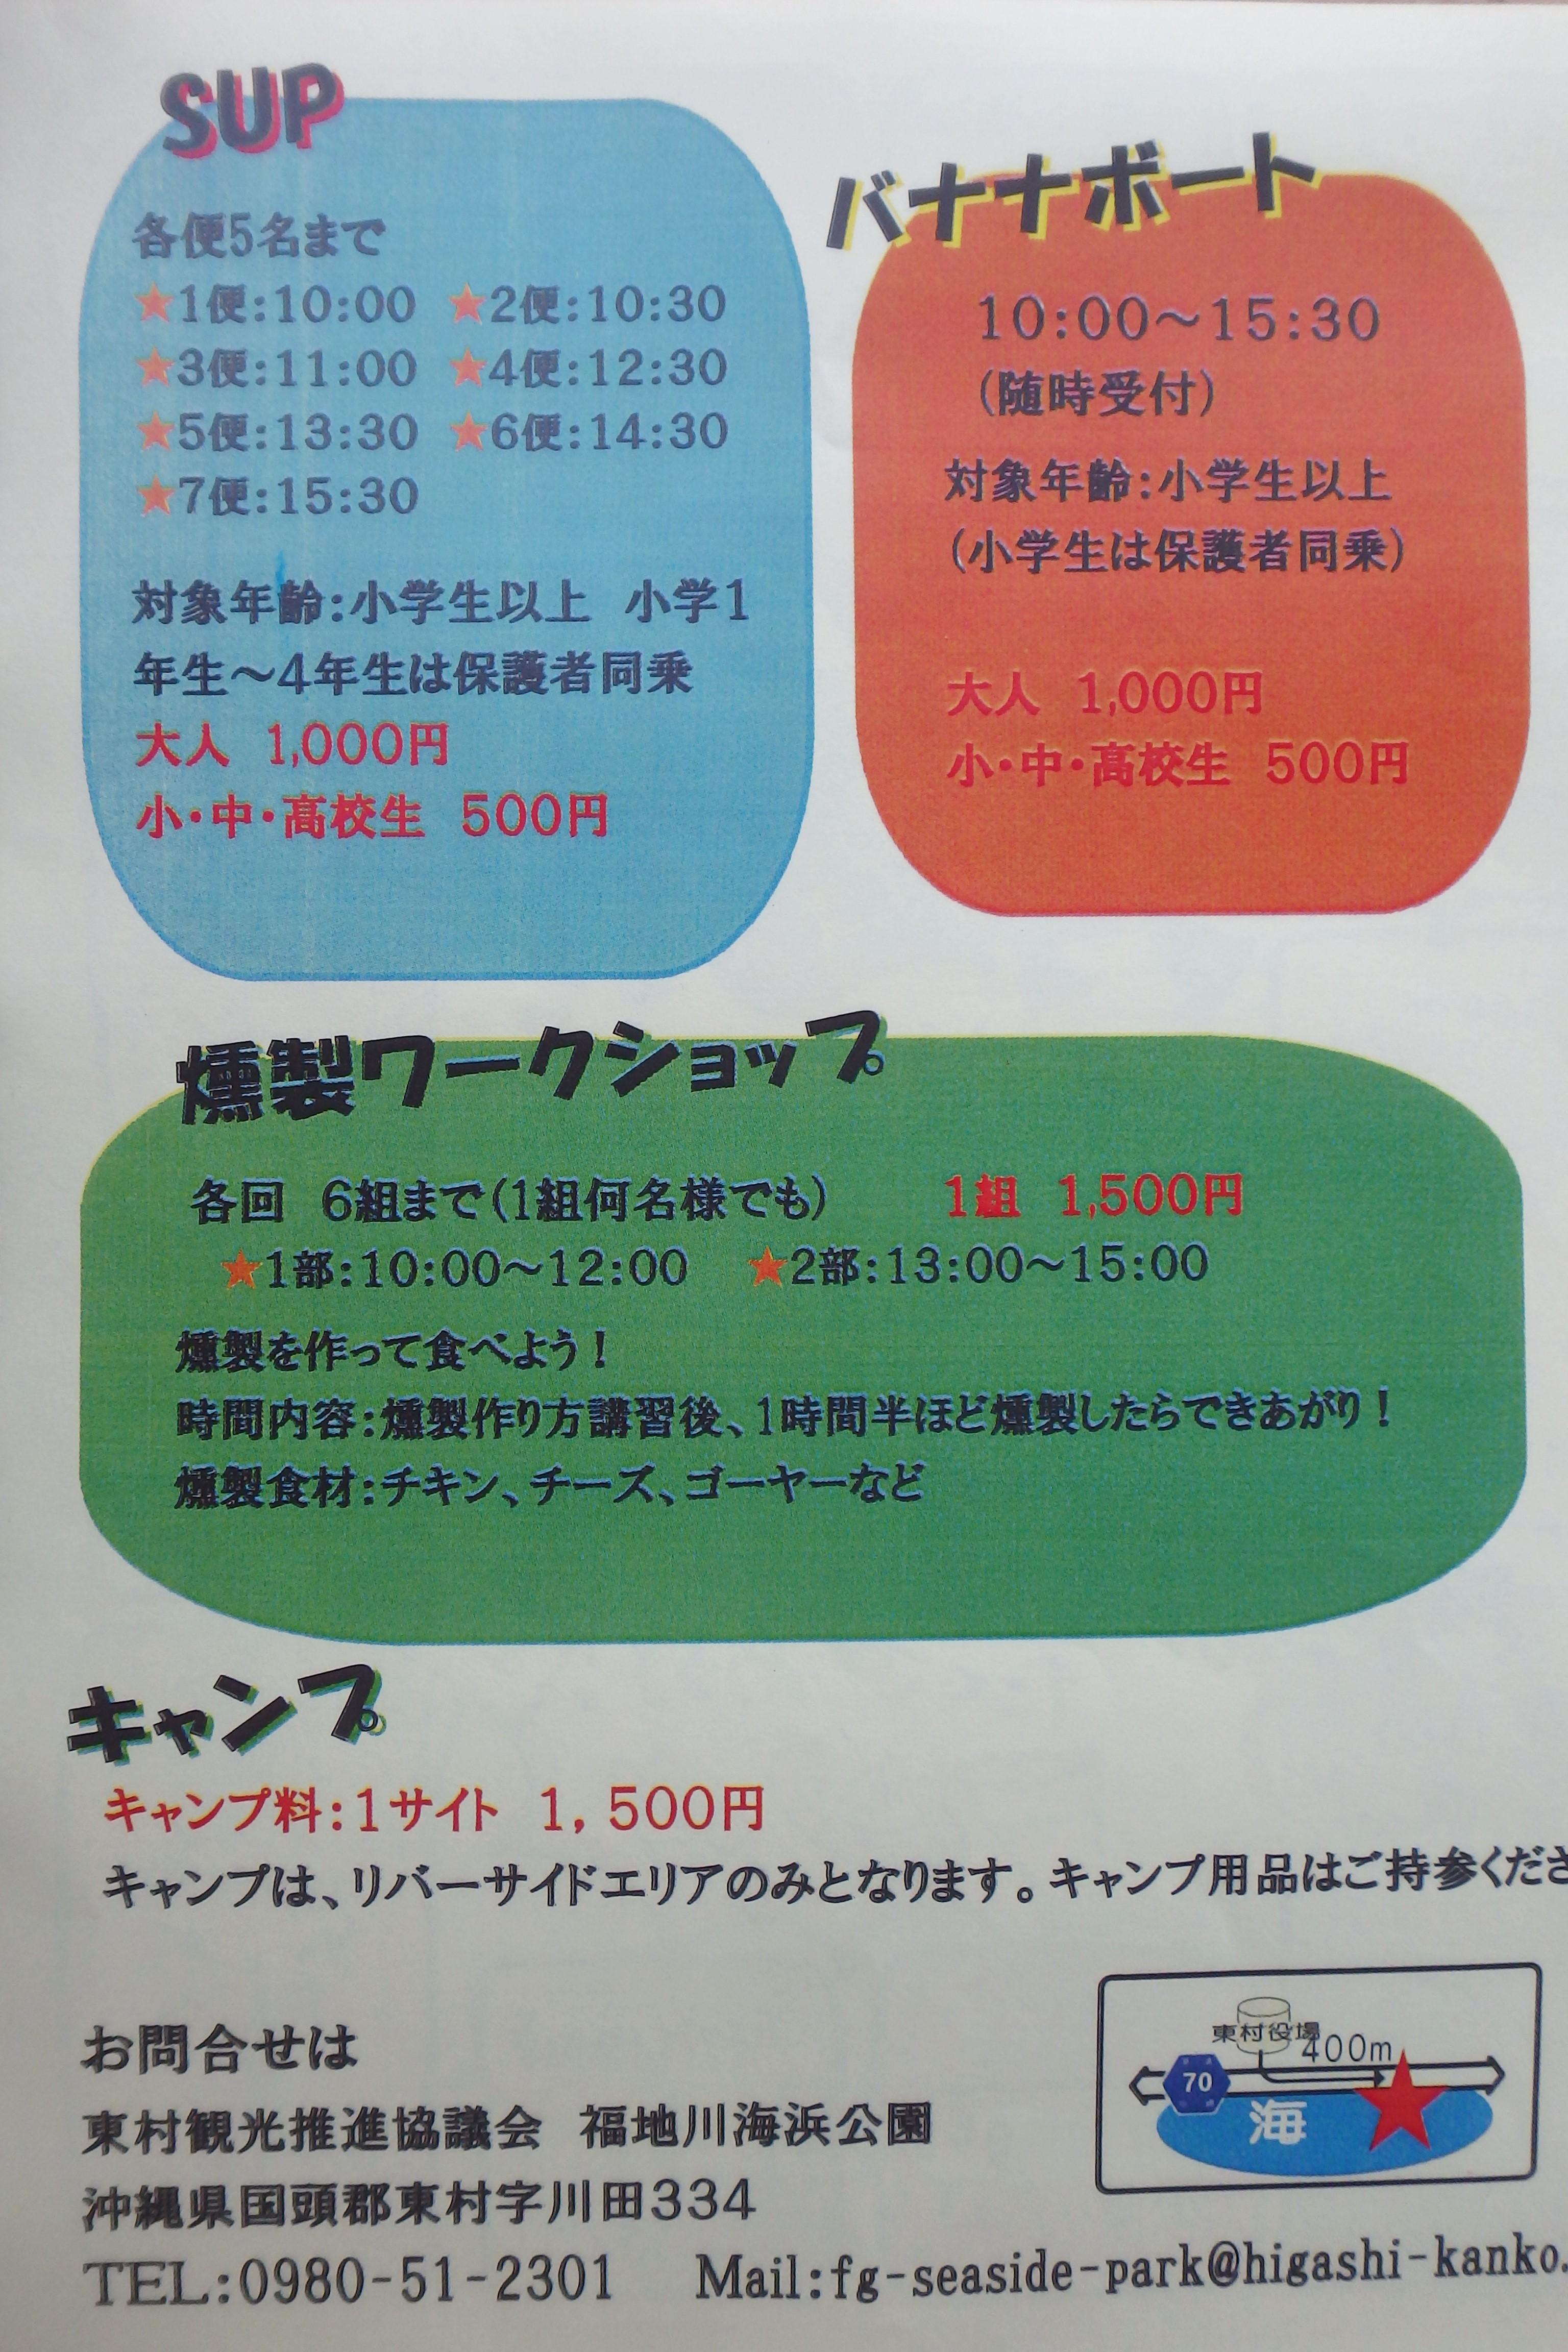 東村福地川海浜公園ゴールデンウィークイベント情報‼